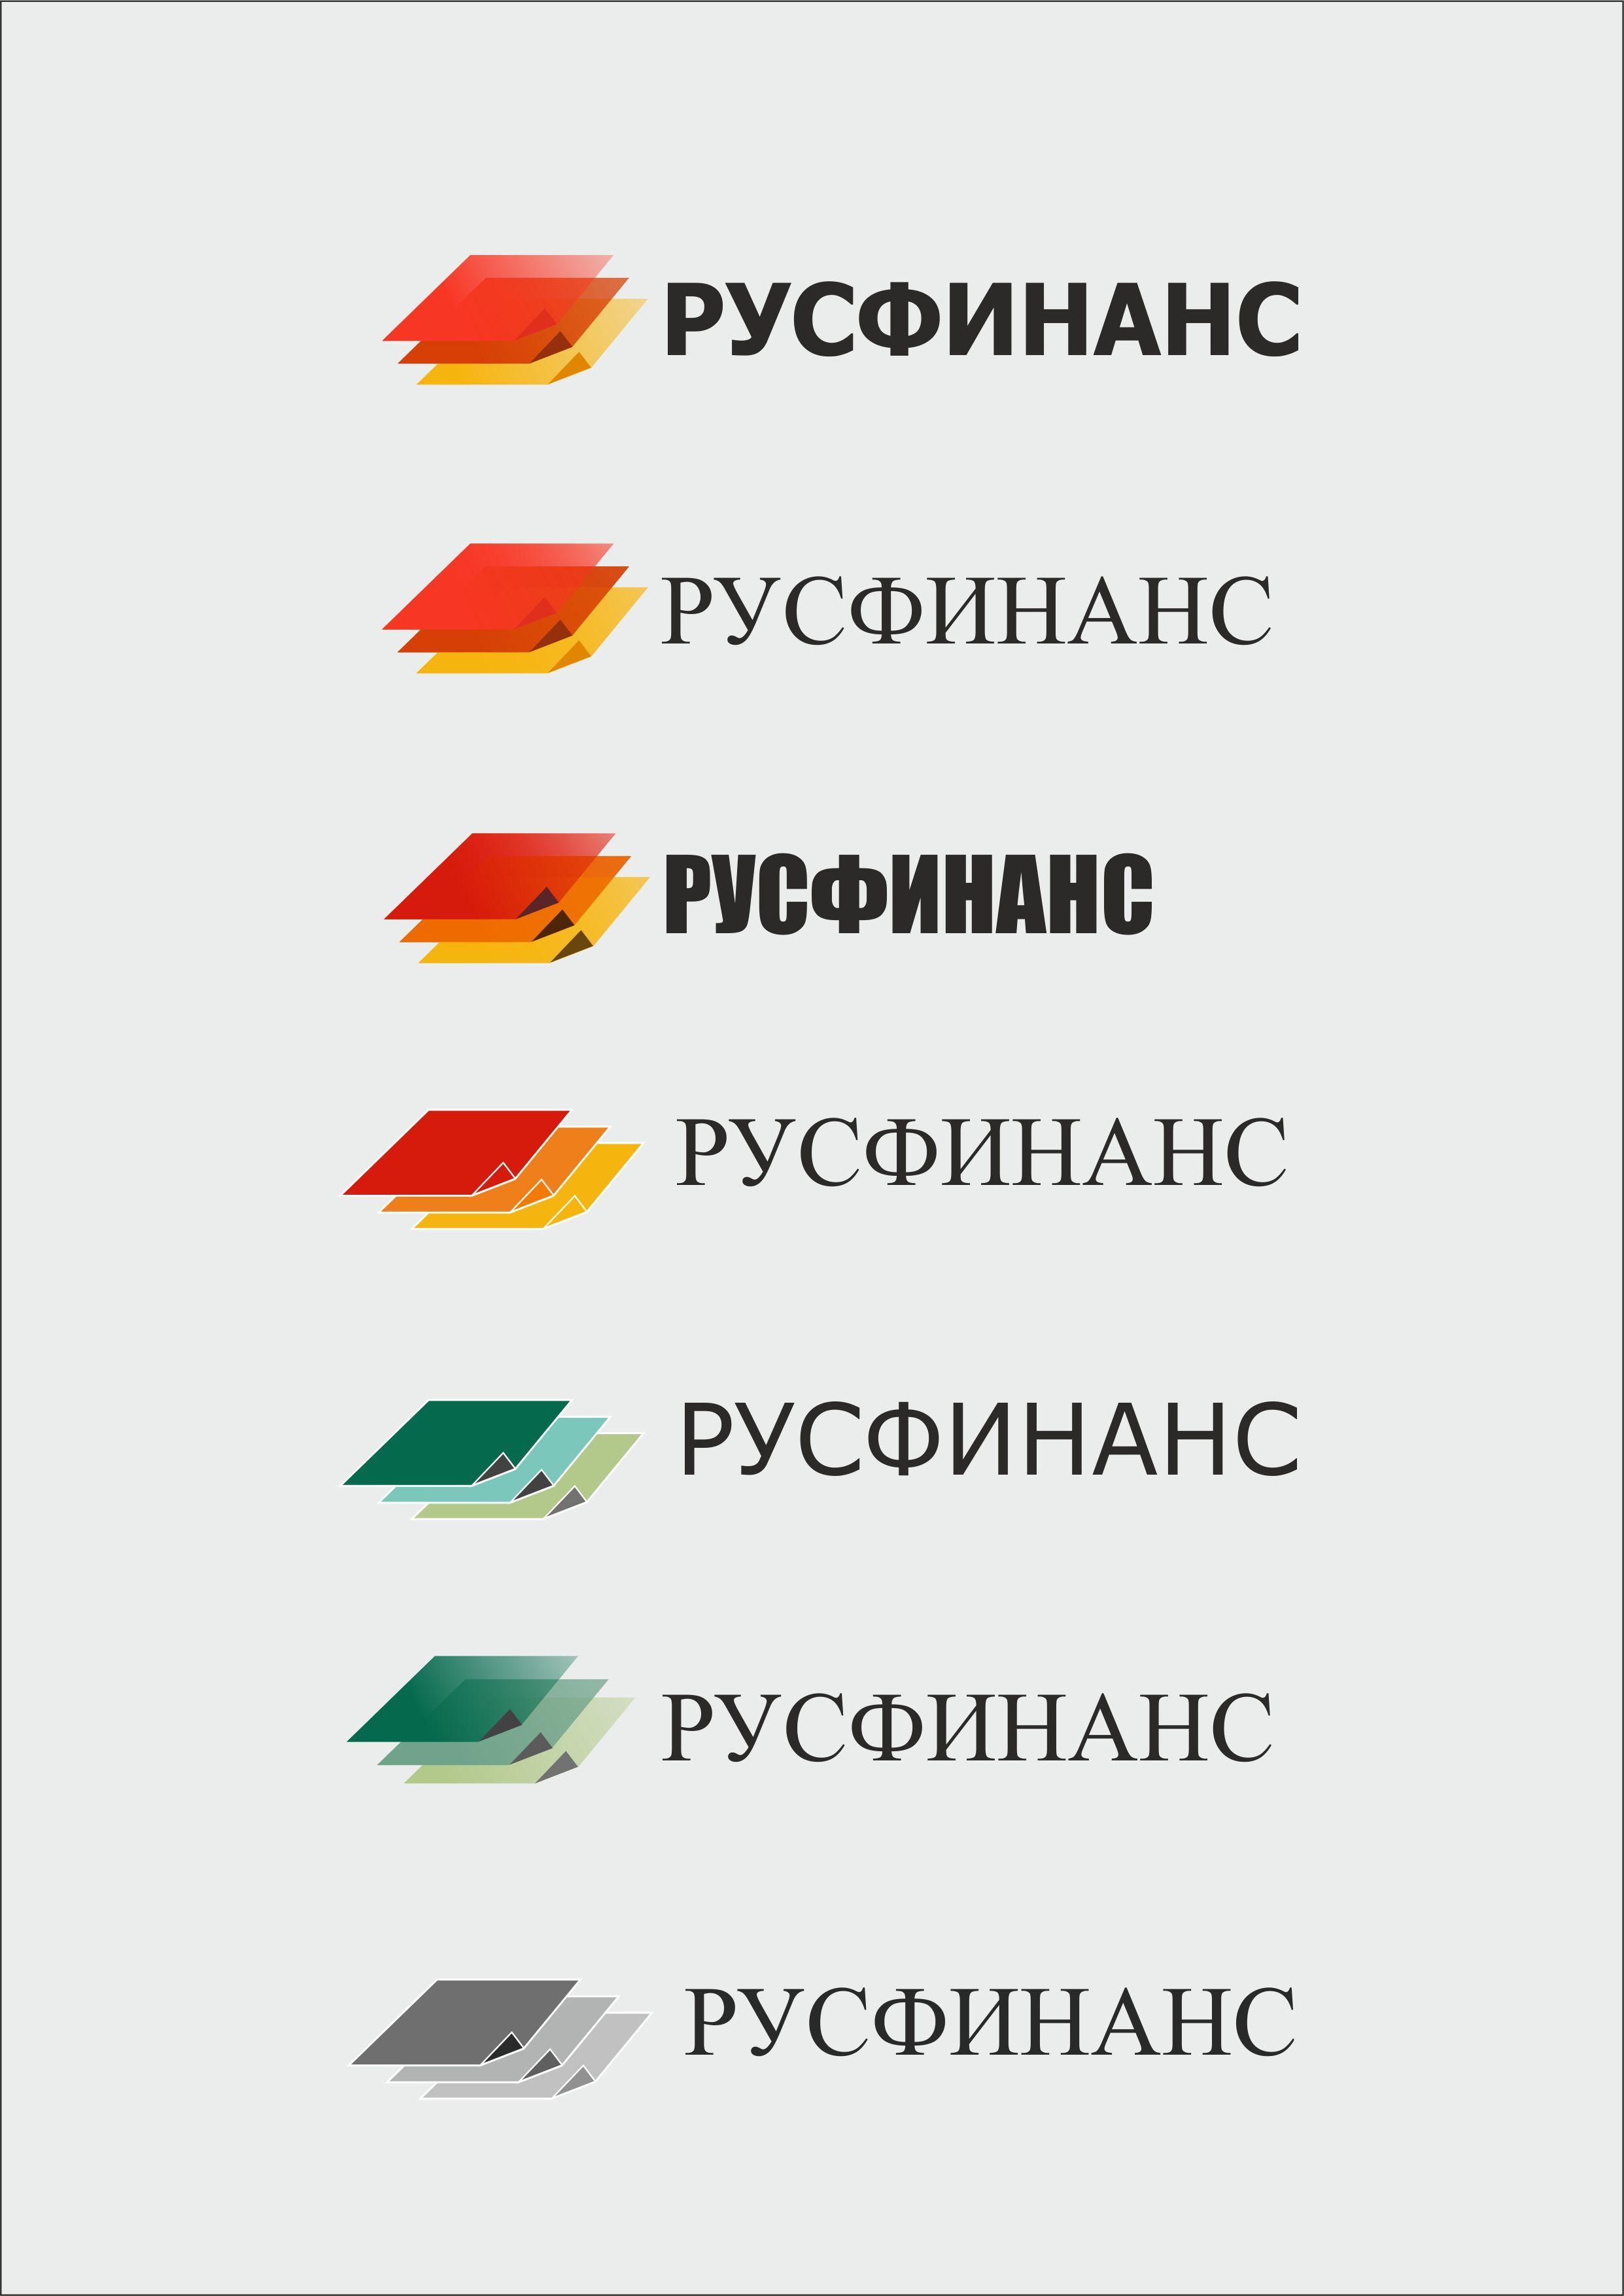 Логотип для Русфинанс - дизайнер gwyny